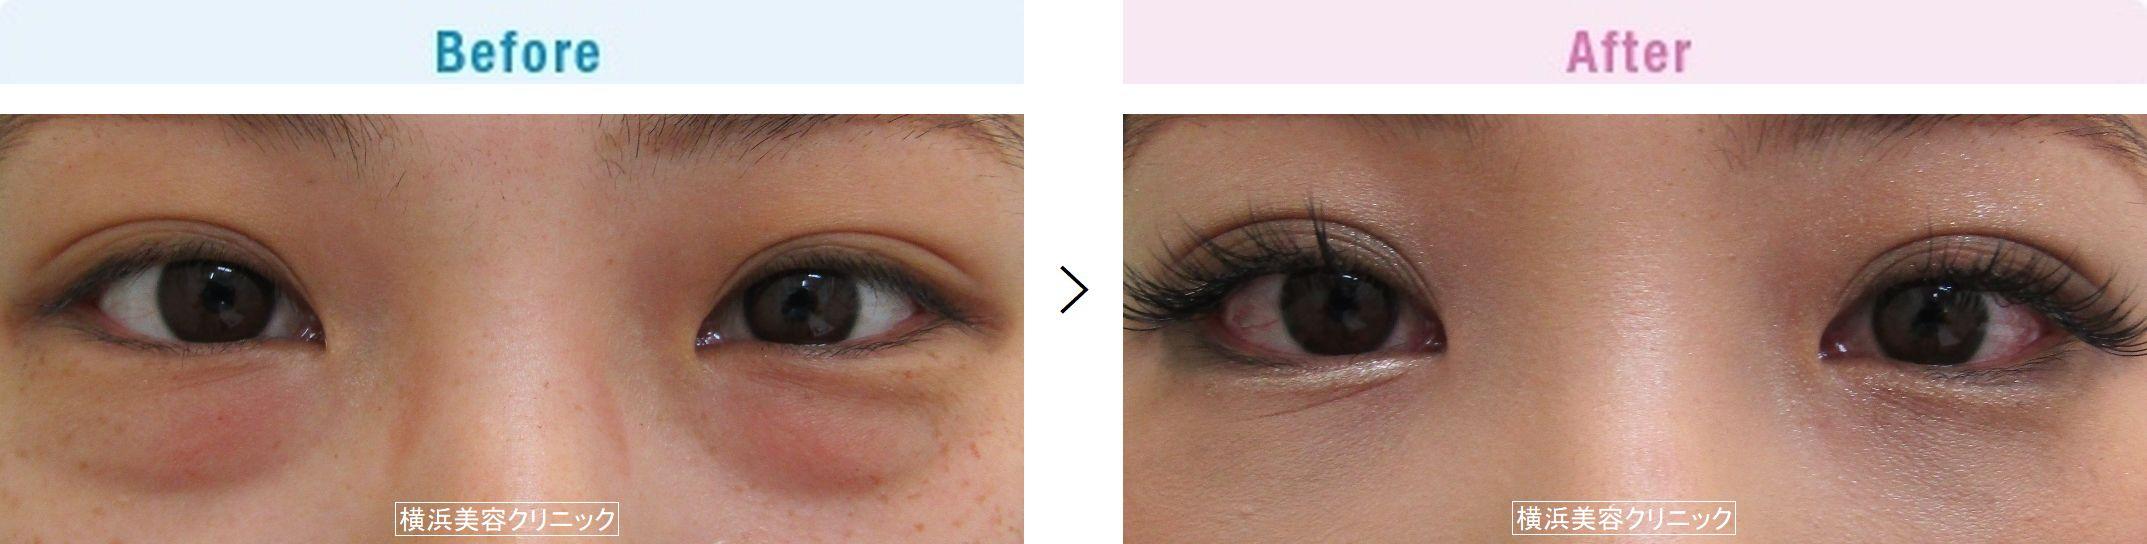 【20代女性】くまが気になる方には、切らない目の下のくま取り(脱脂術)が有効です。【横浜美容クリニック】